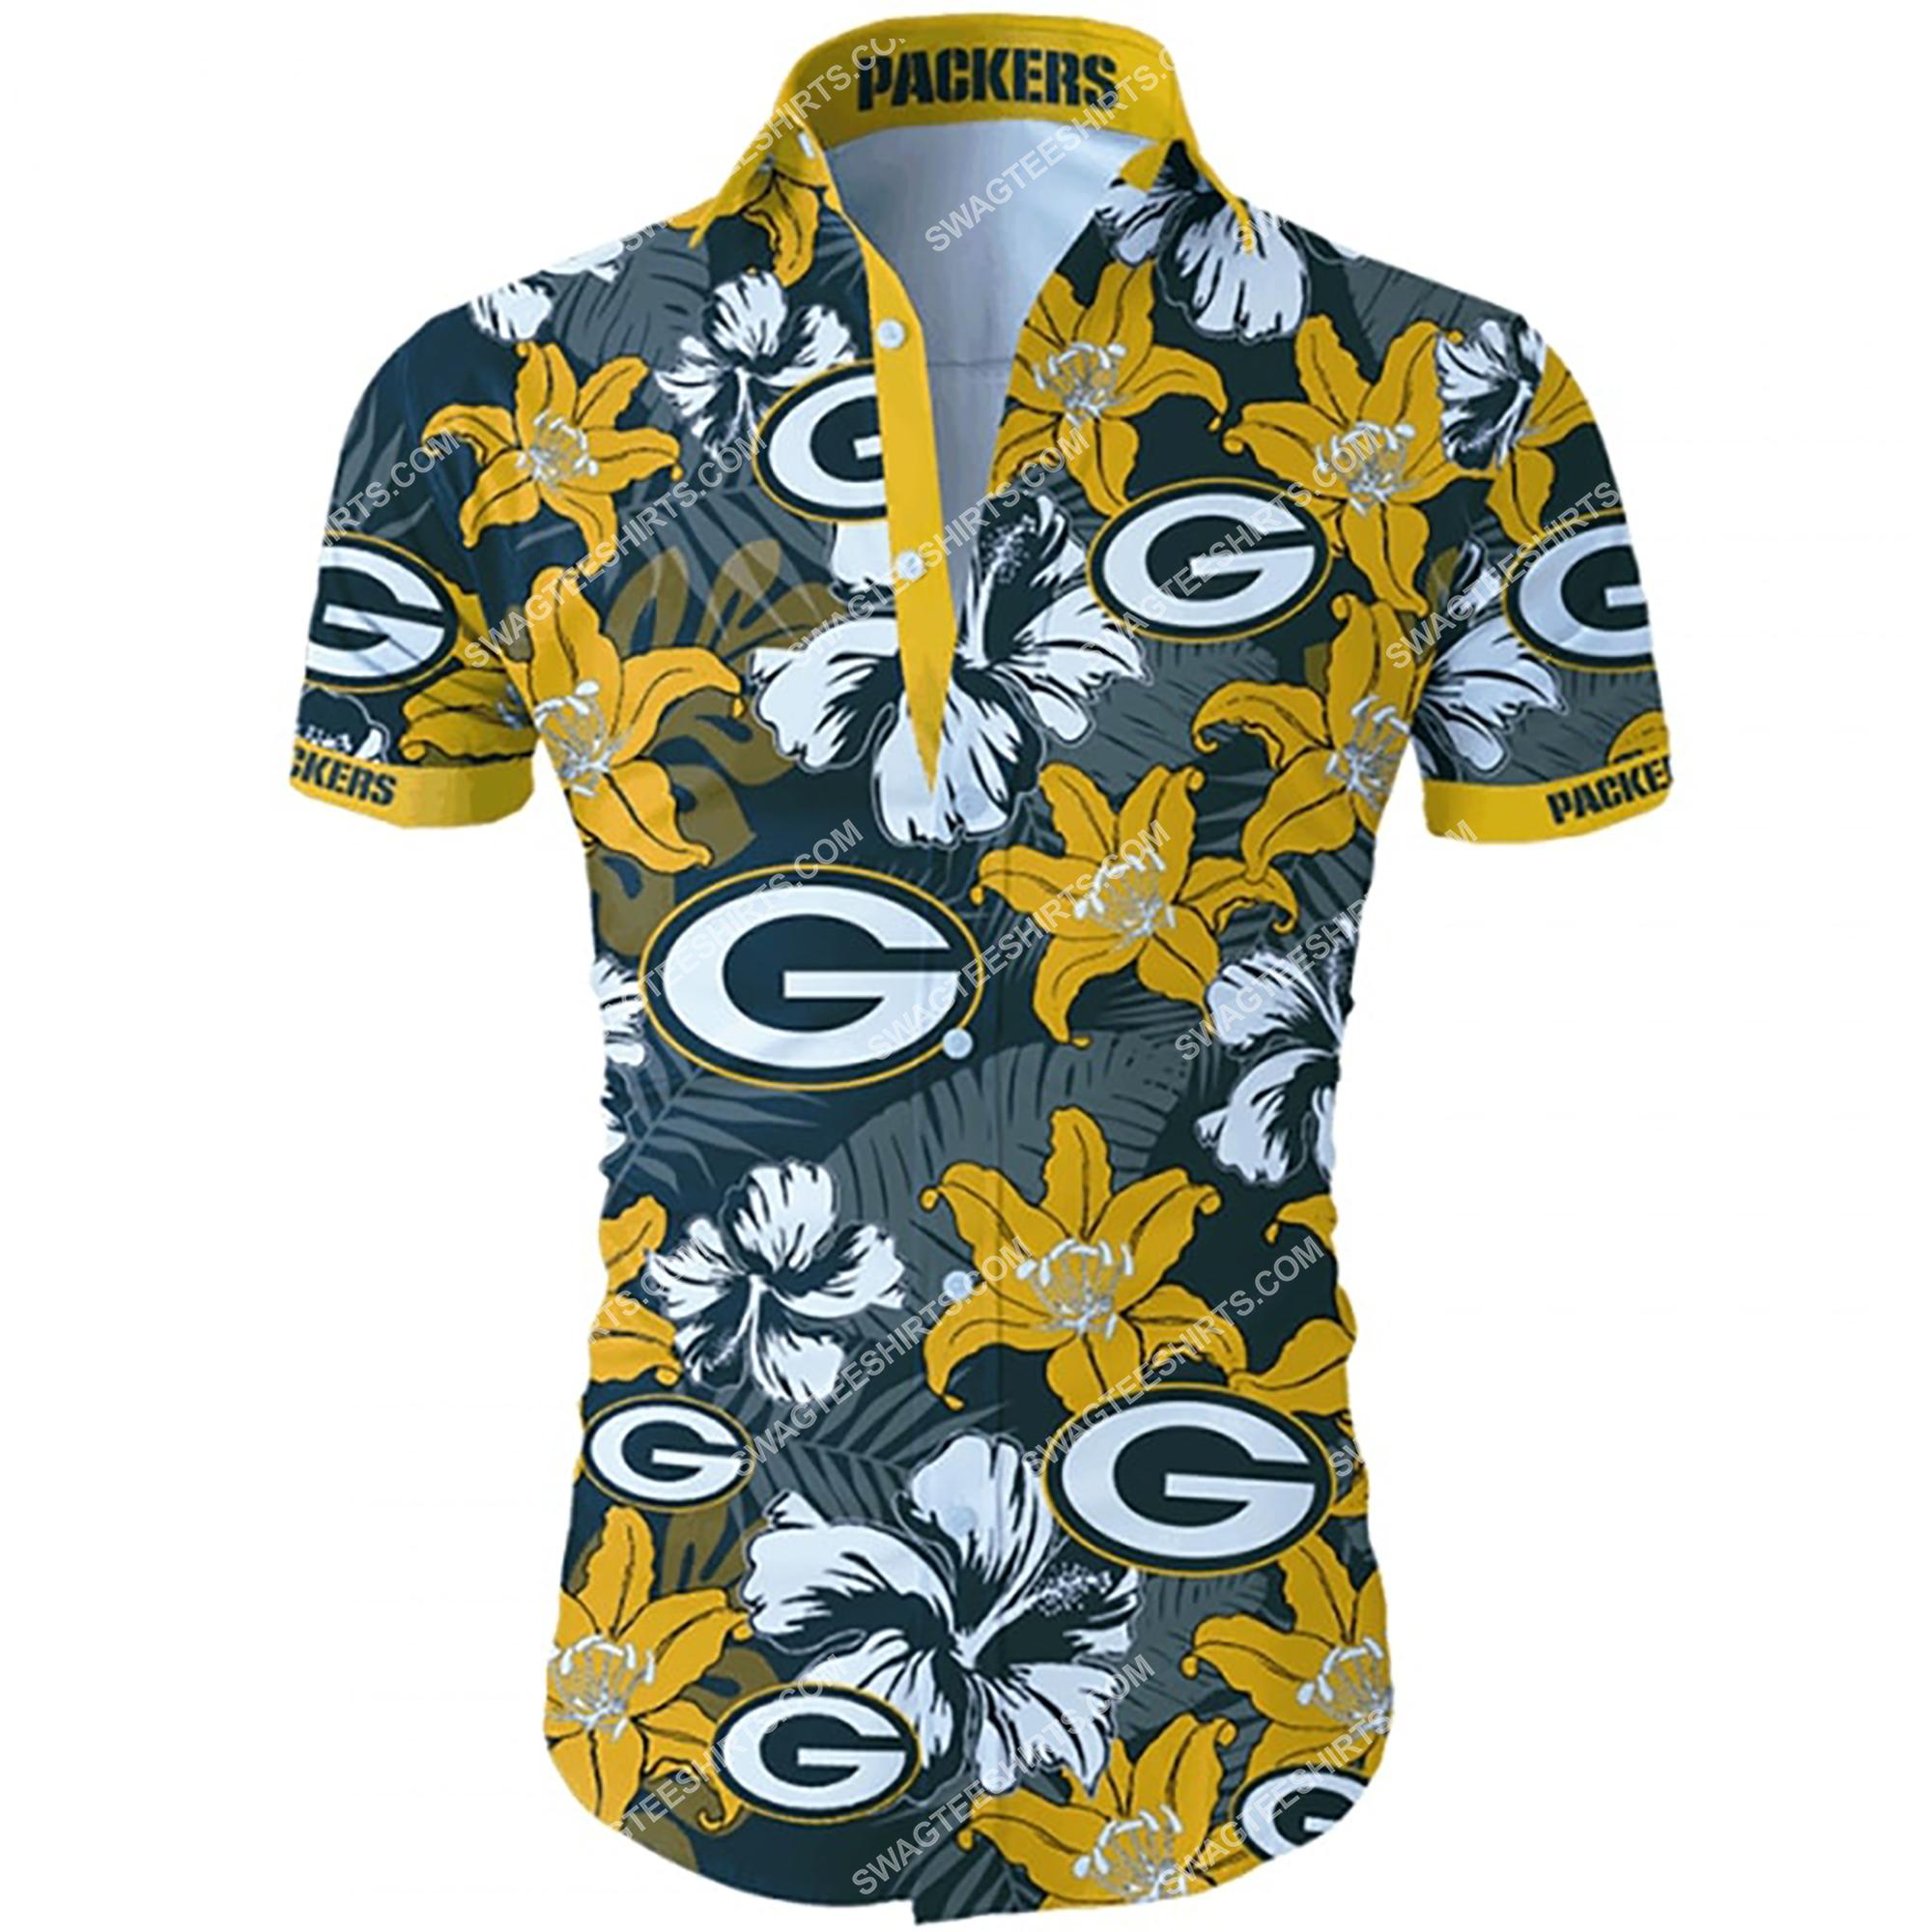 tropical flower green bay packers team summer hawaiian shirt 2 - Copy (3)